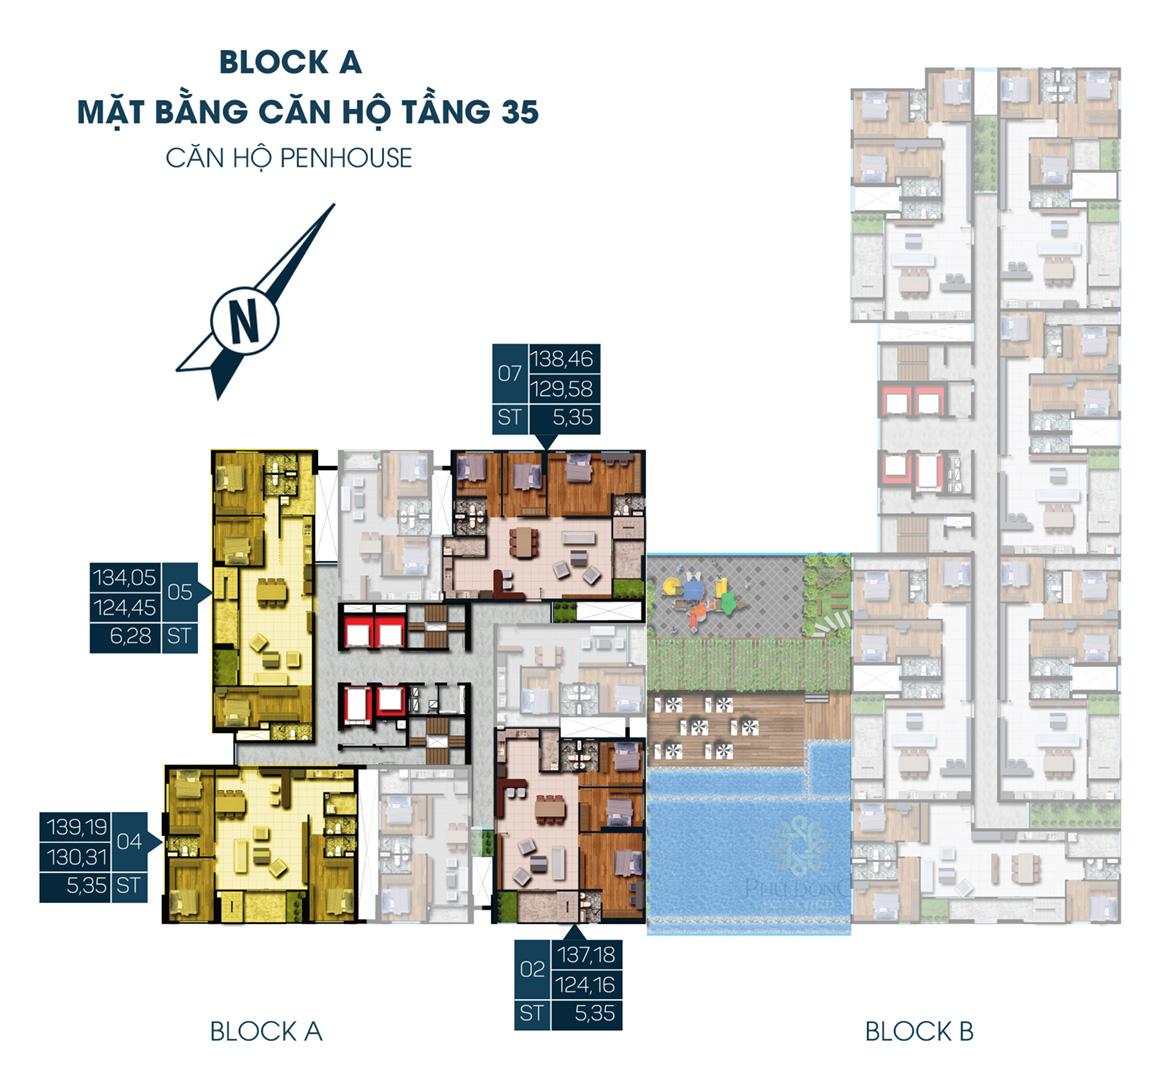 MB Block A Tầng 35 dự án Phú Đông Premier Penhouse